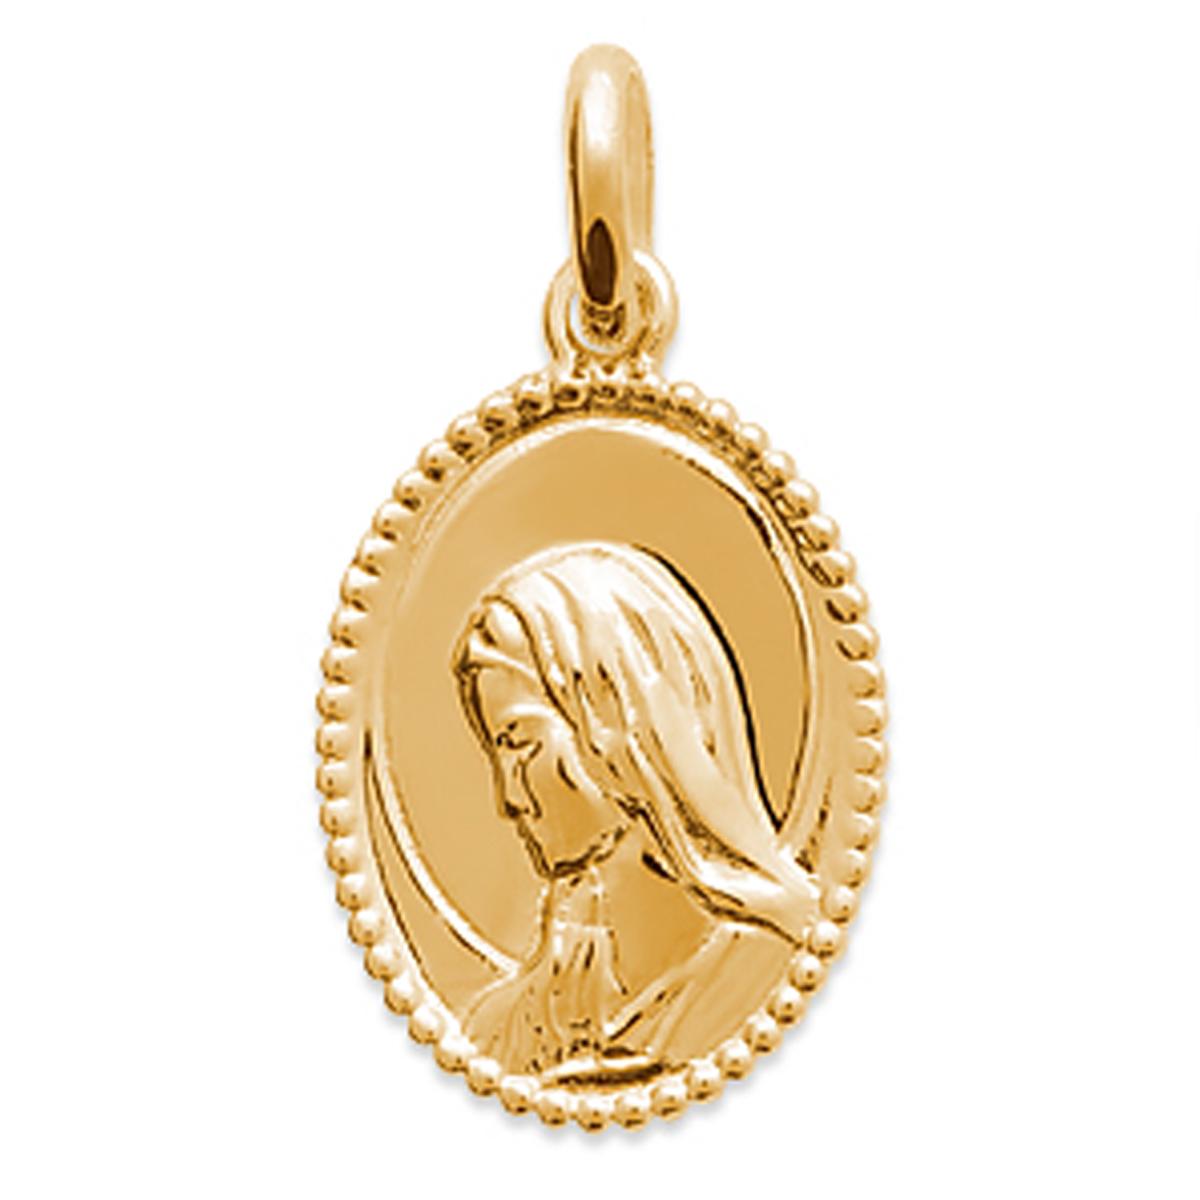 Pendentif Plaqué Or \'Vierge Marie\' Doré - 15x11 mm - [Q4715]